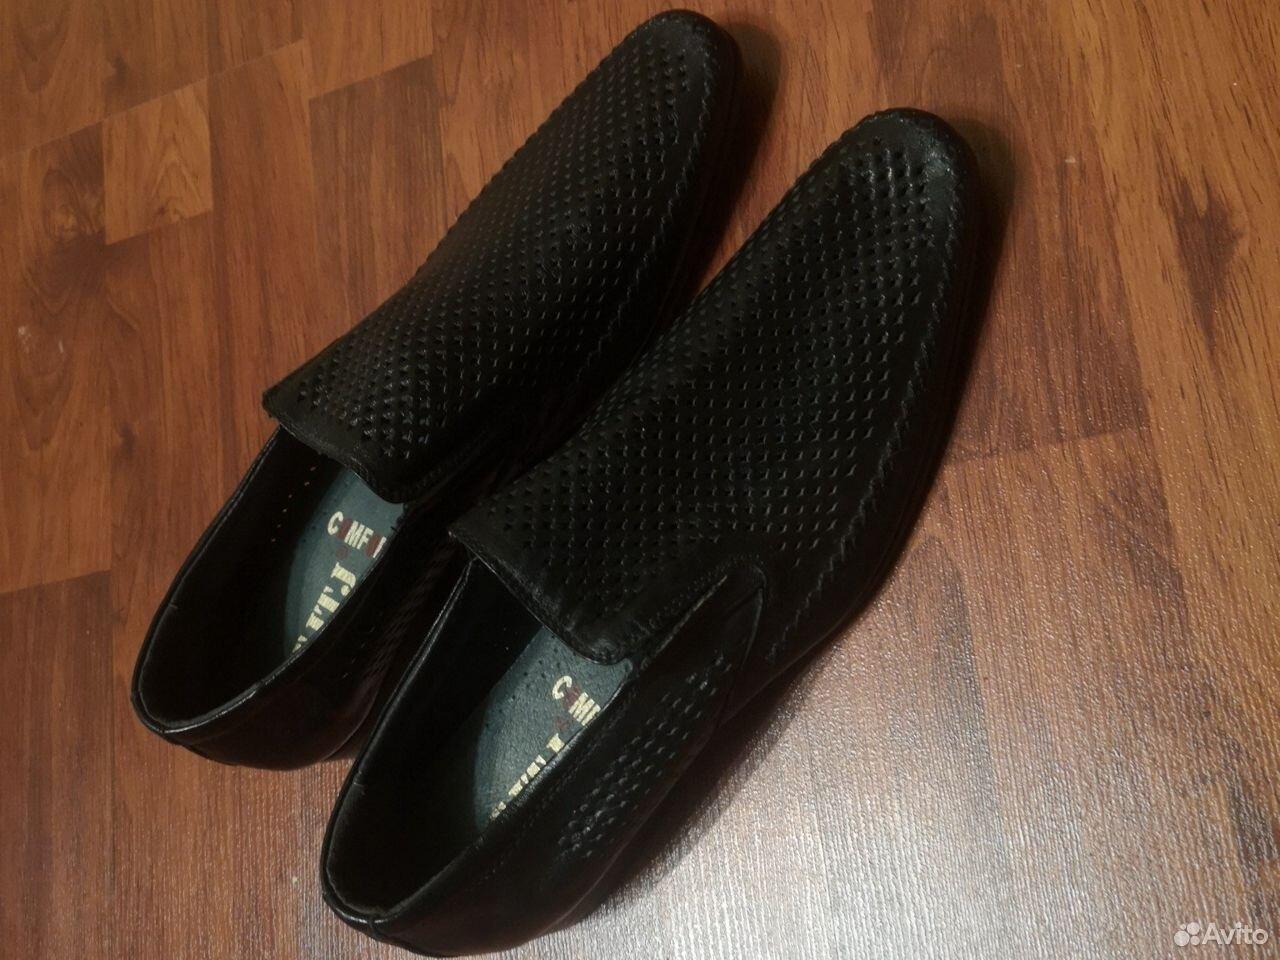 Schuhe  89622314343 kaufen 2